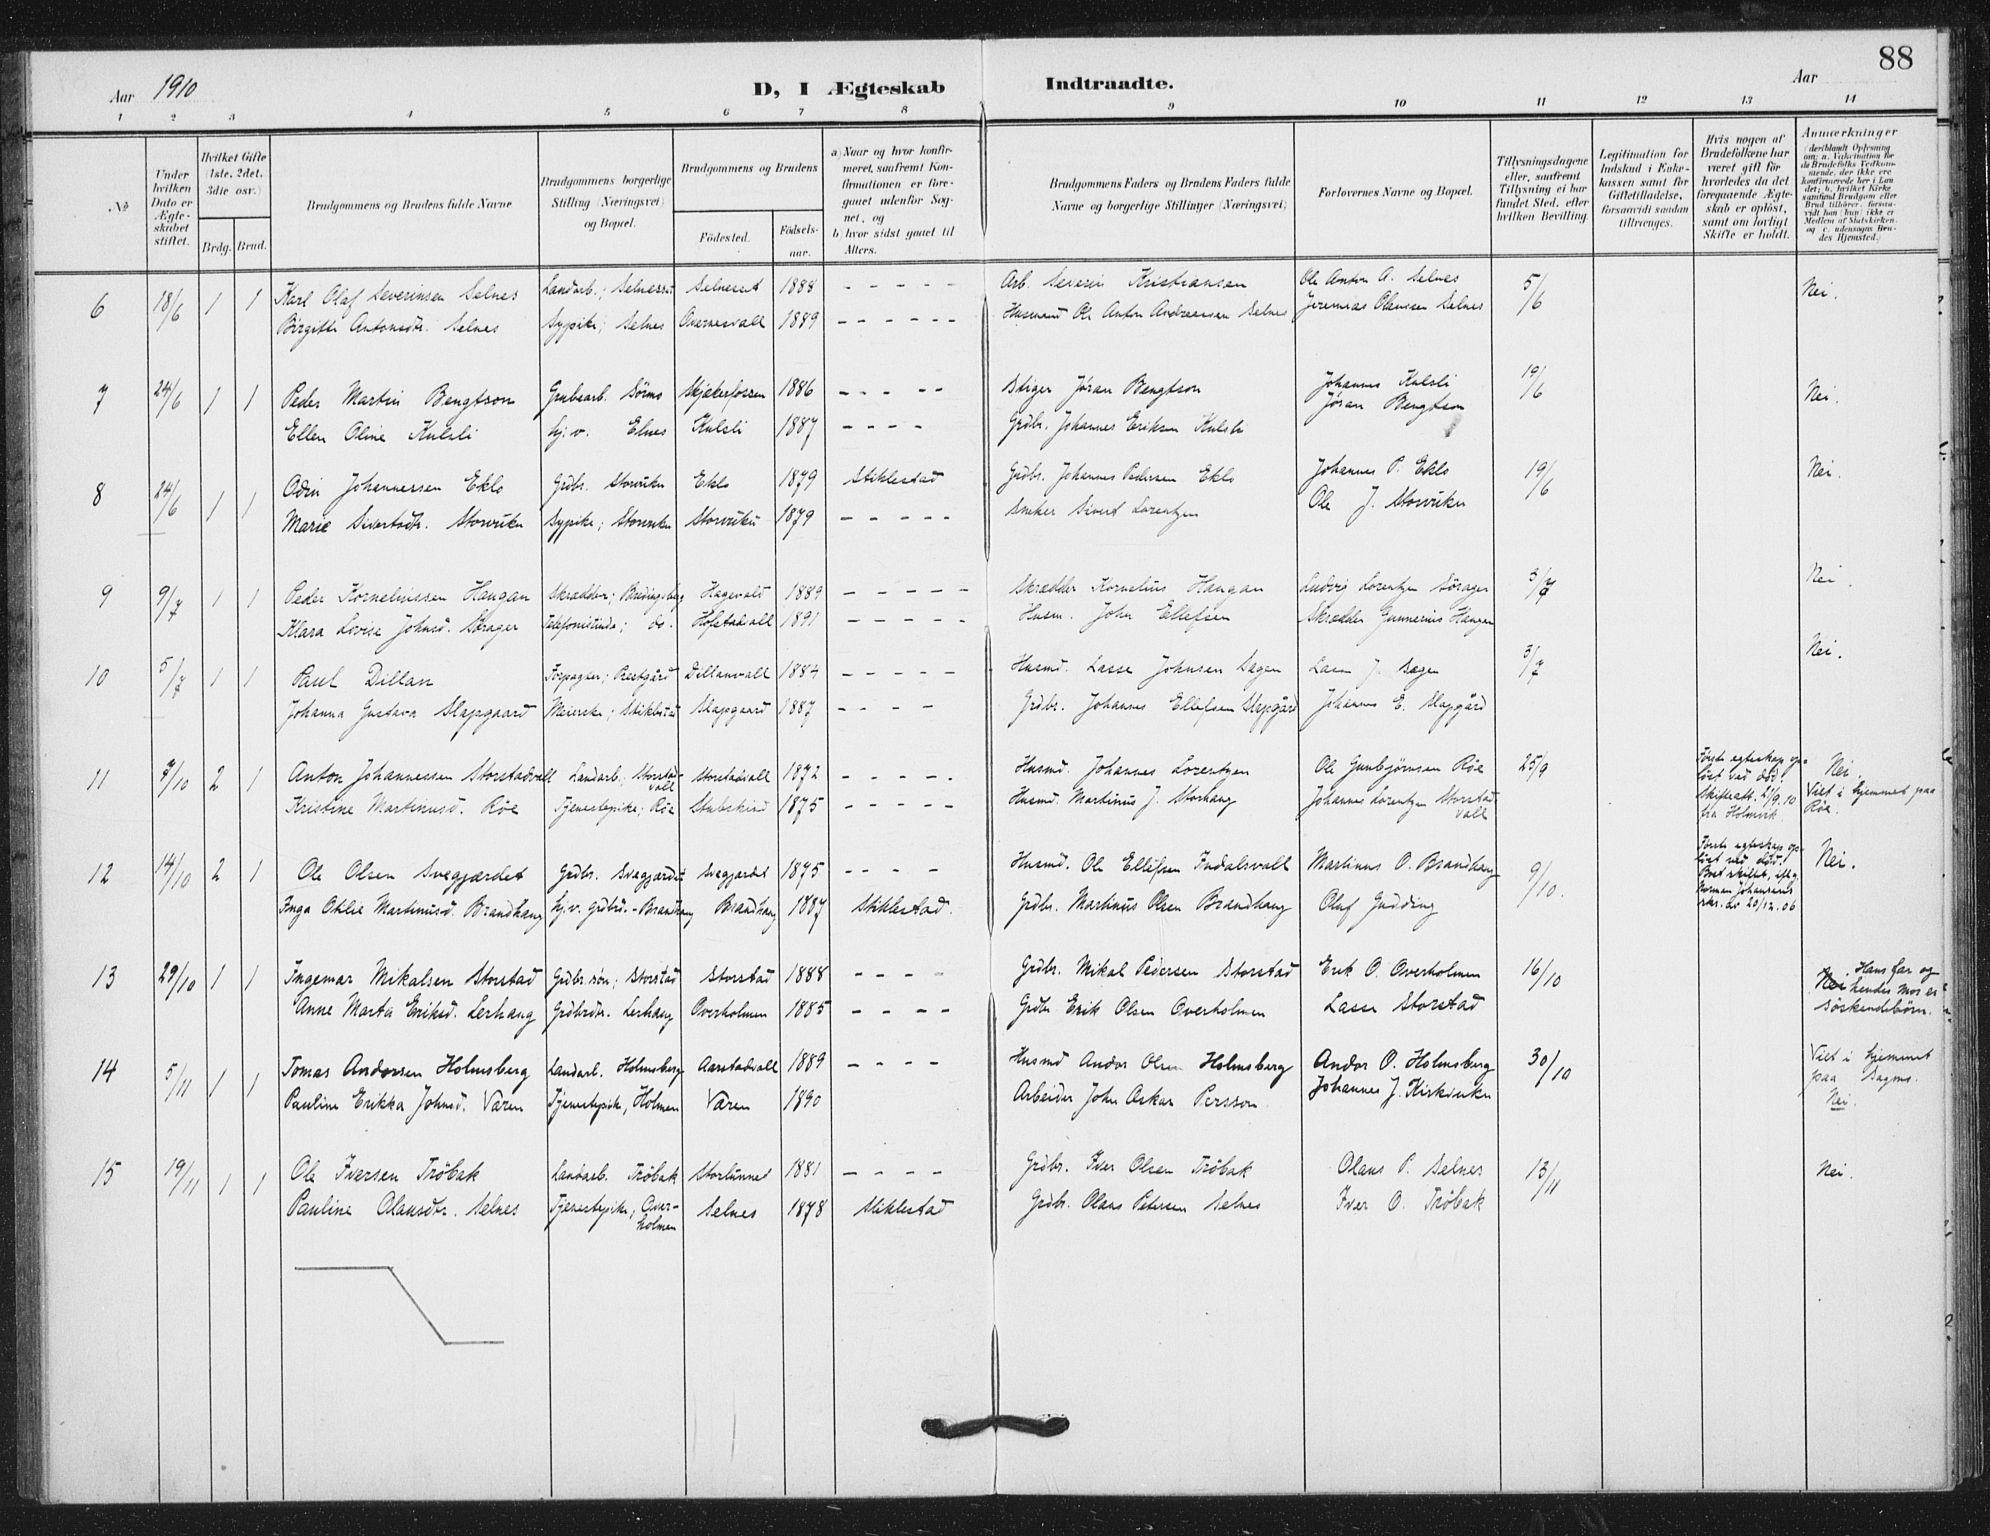 SAT, Ministerialprotokoller, klokkerbøker og fødselsregistre - Nord-Trøndelag, 724/L0264: Ministerialbok nr. 724A02, 1908-1915, s. 88